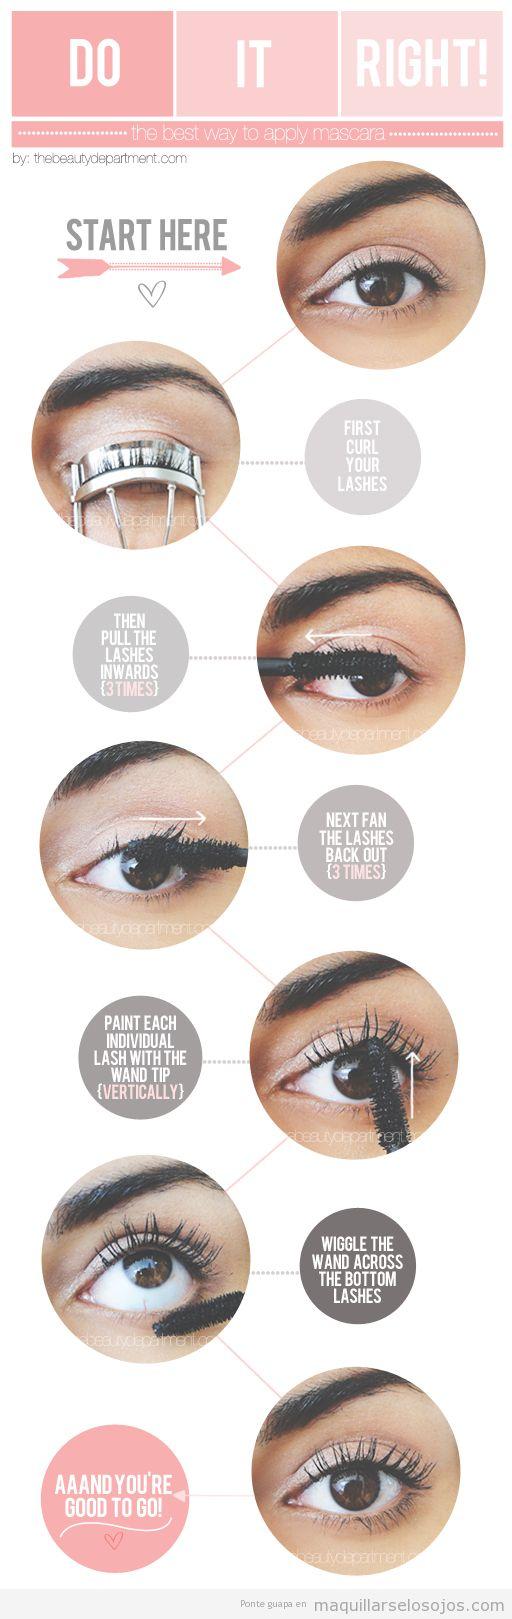 Pintar archivos maquillarse los ojos - Como pintarse bien ...